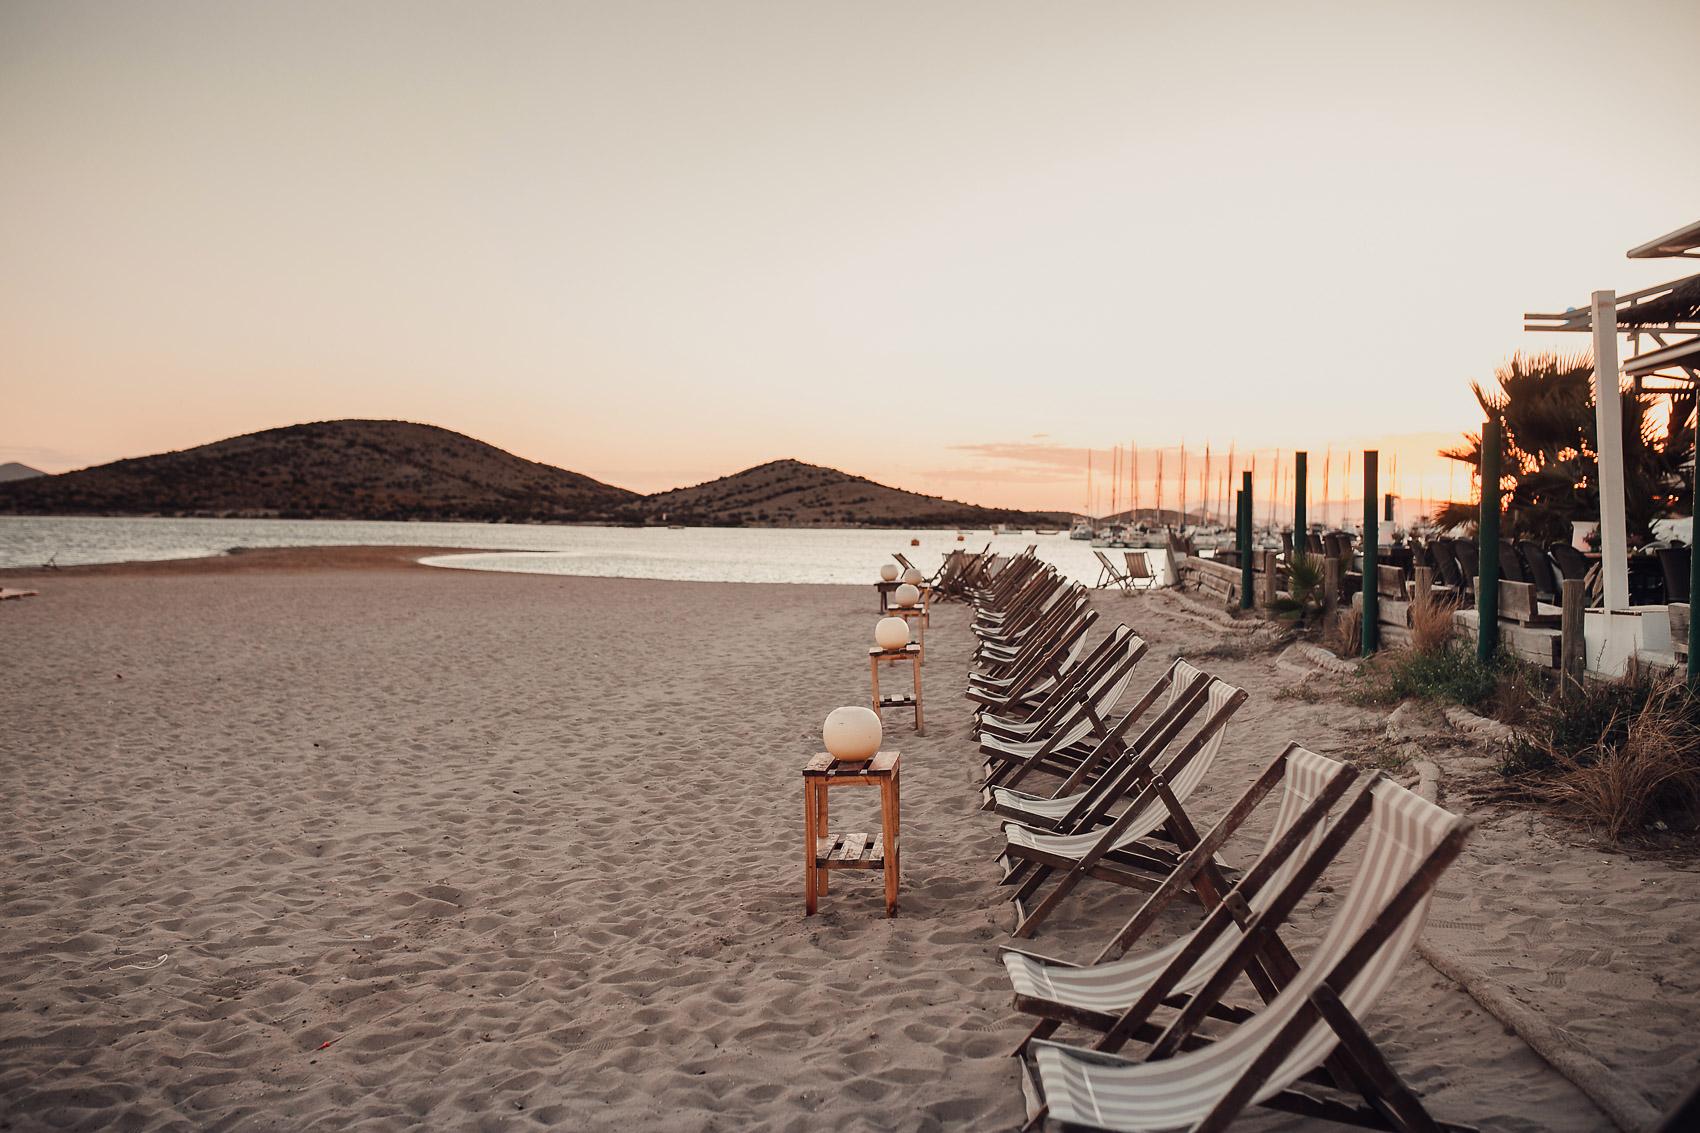 atardecer beach manga parador sillas arena mar montaña